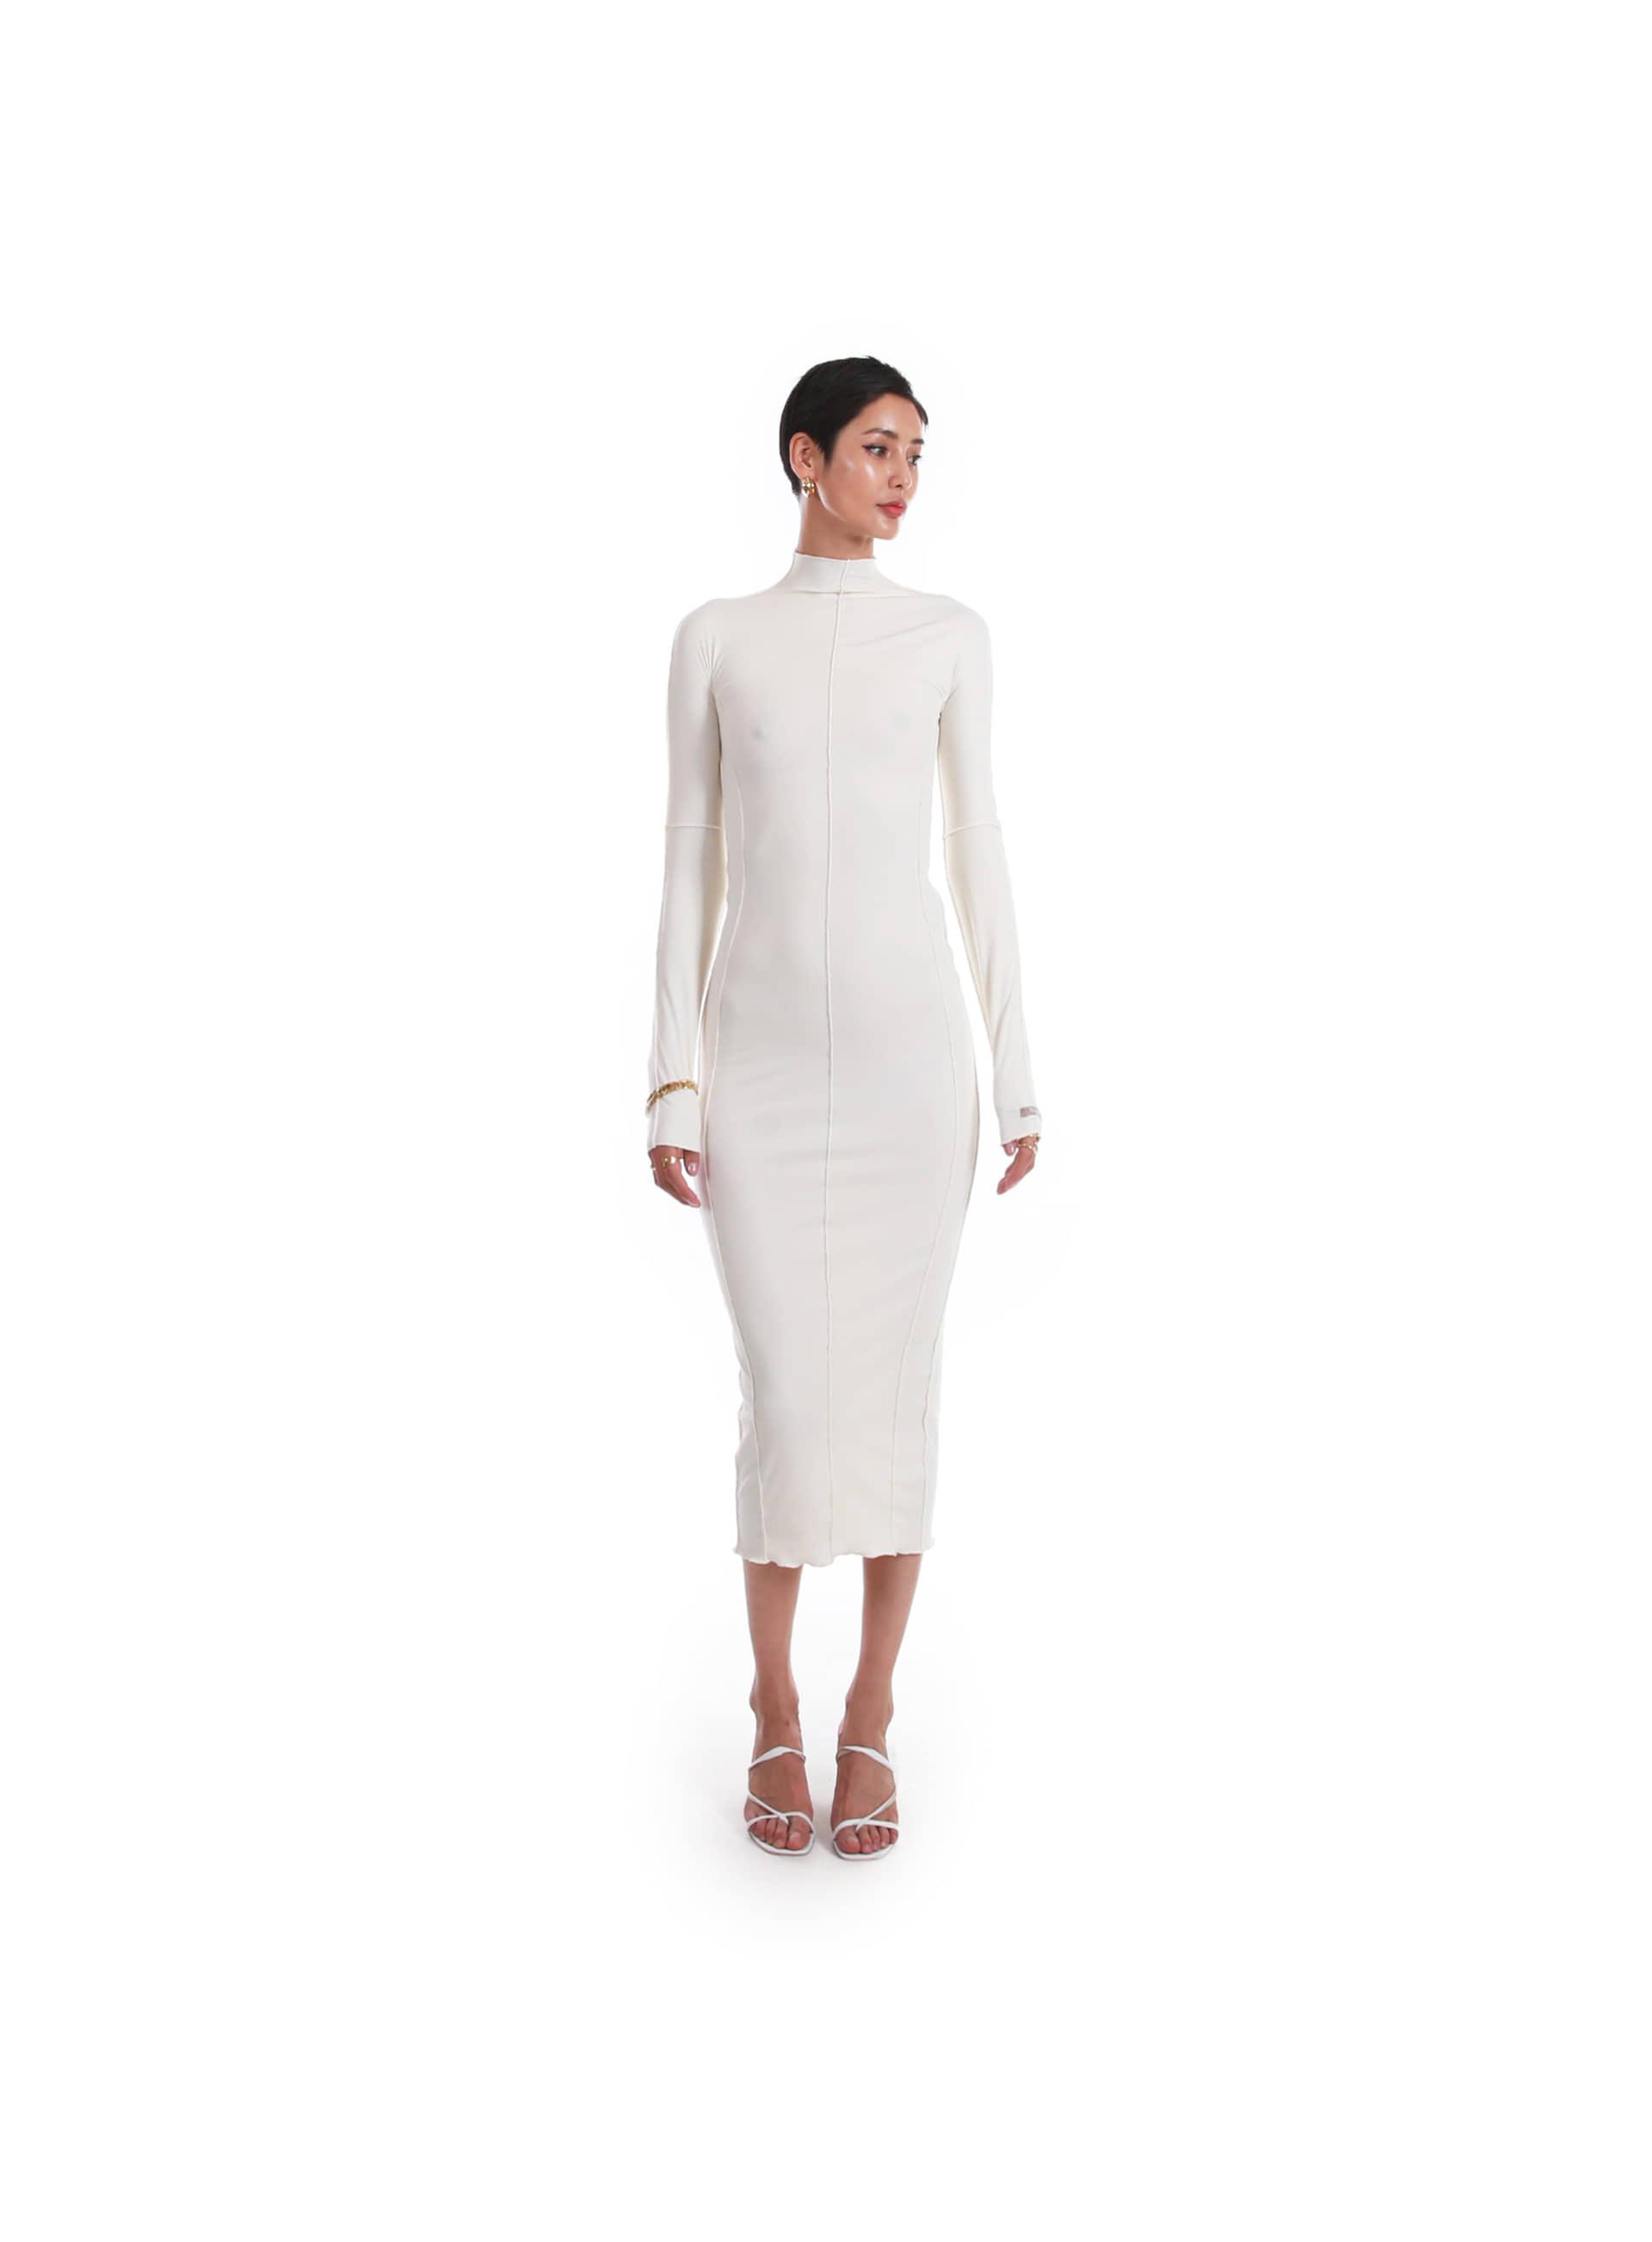 킴예 드레스 - 바닐라